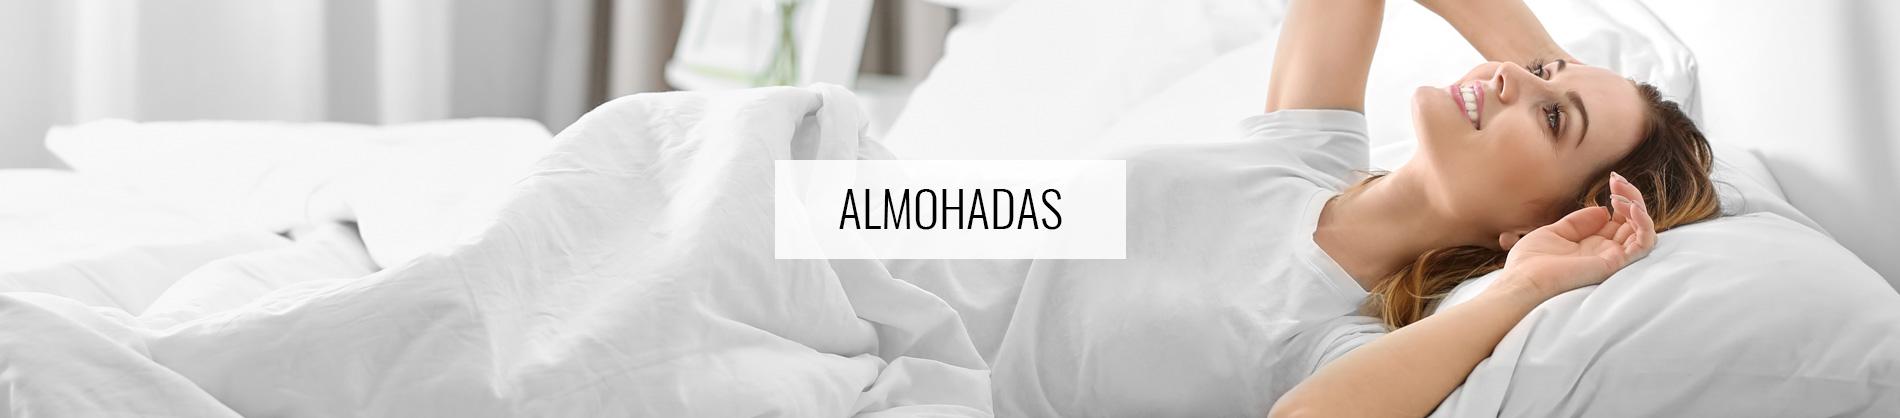 almohadas baratas en Córdoba